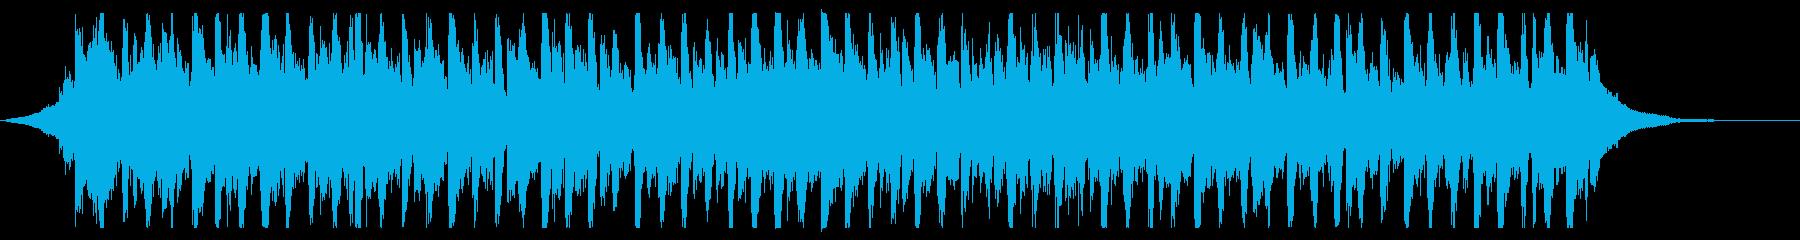 【生演奏】天気予報・朝番組OP・爽やかDの再生済みの波形